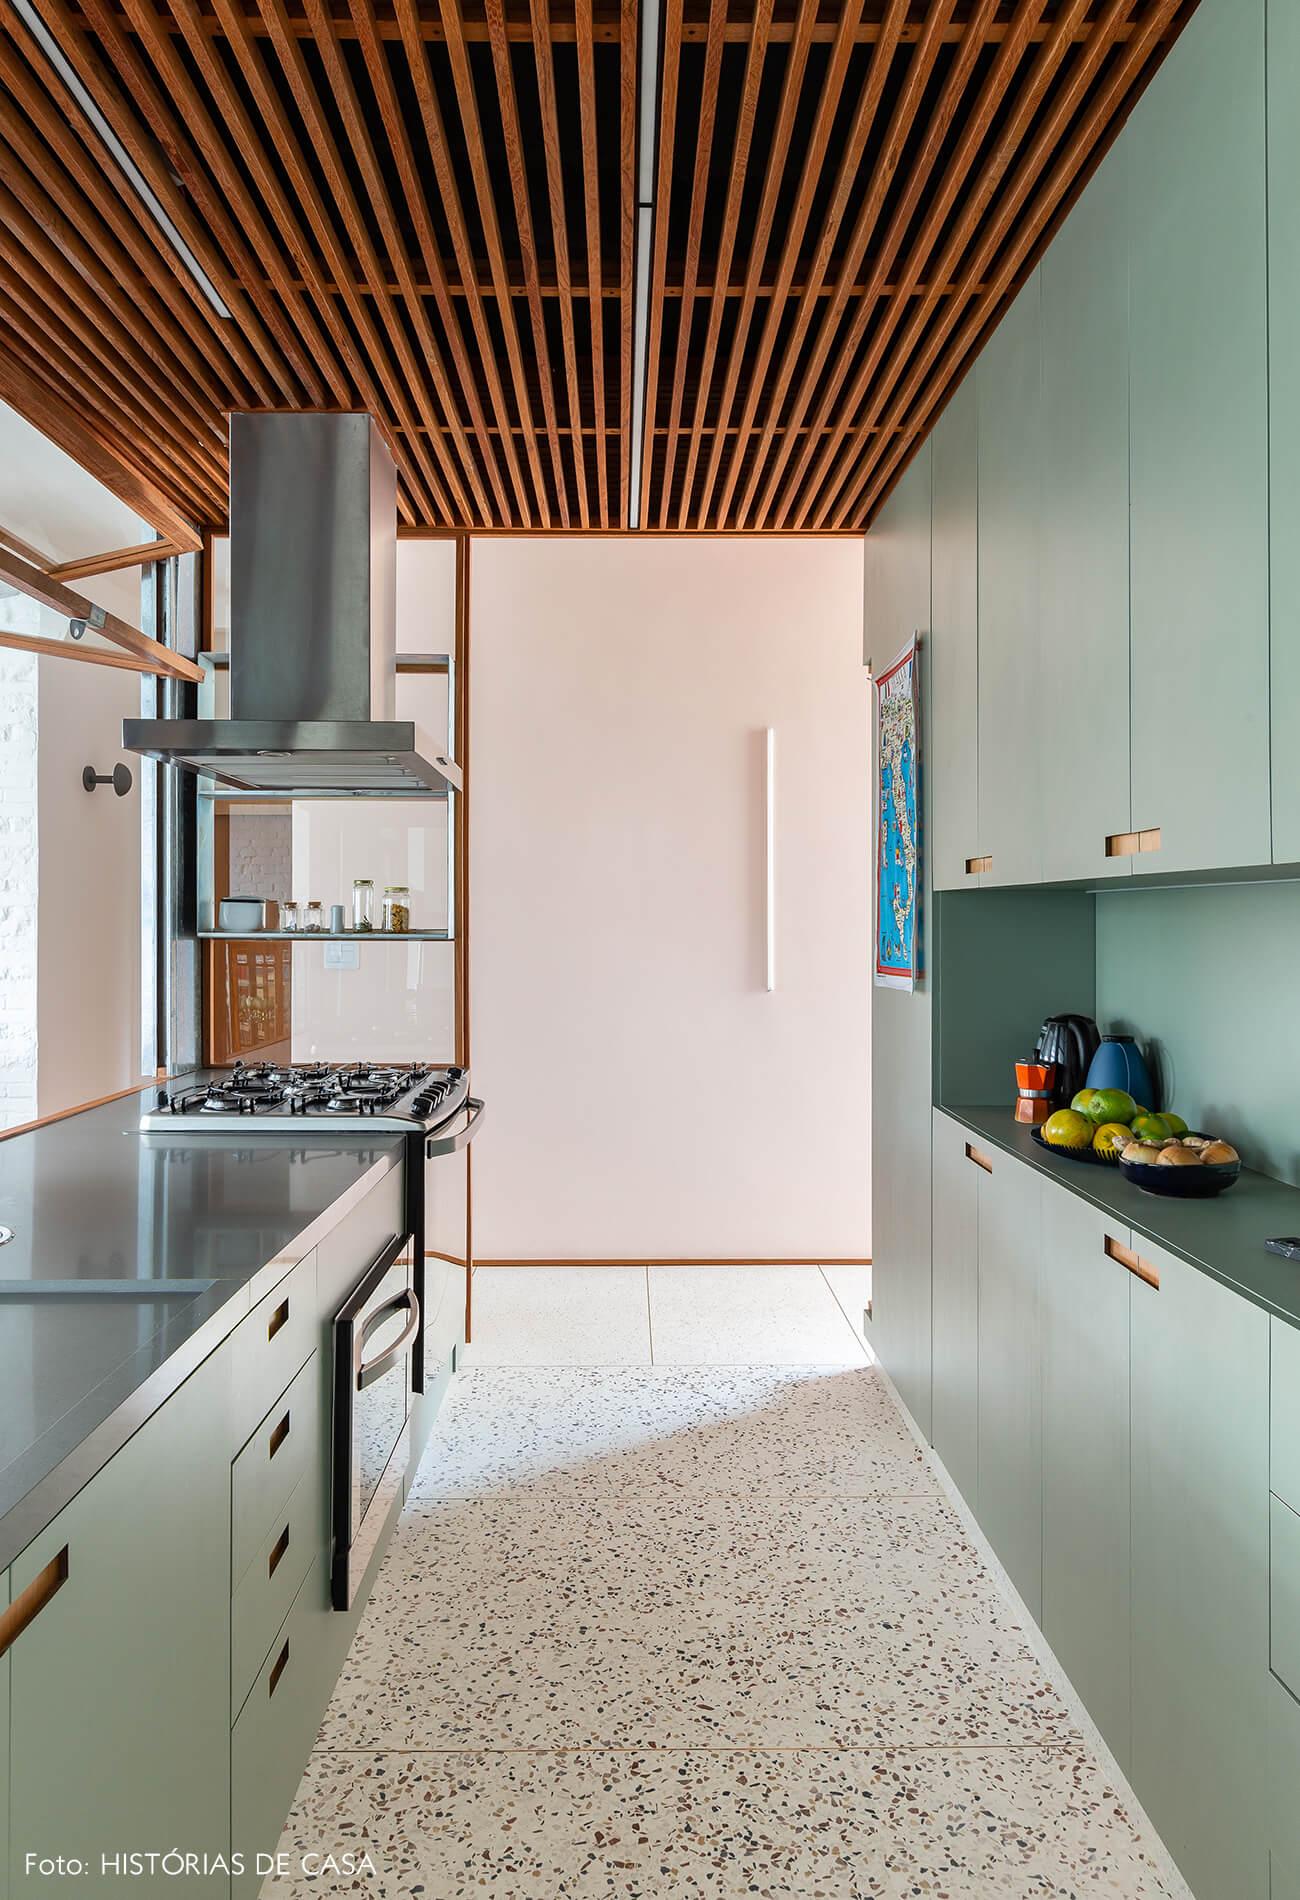 Cozinha com armários de marcenaria e forro de madeira ripada